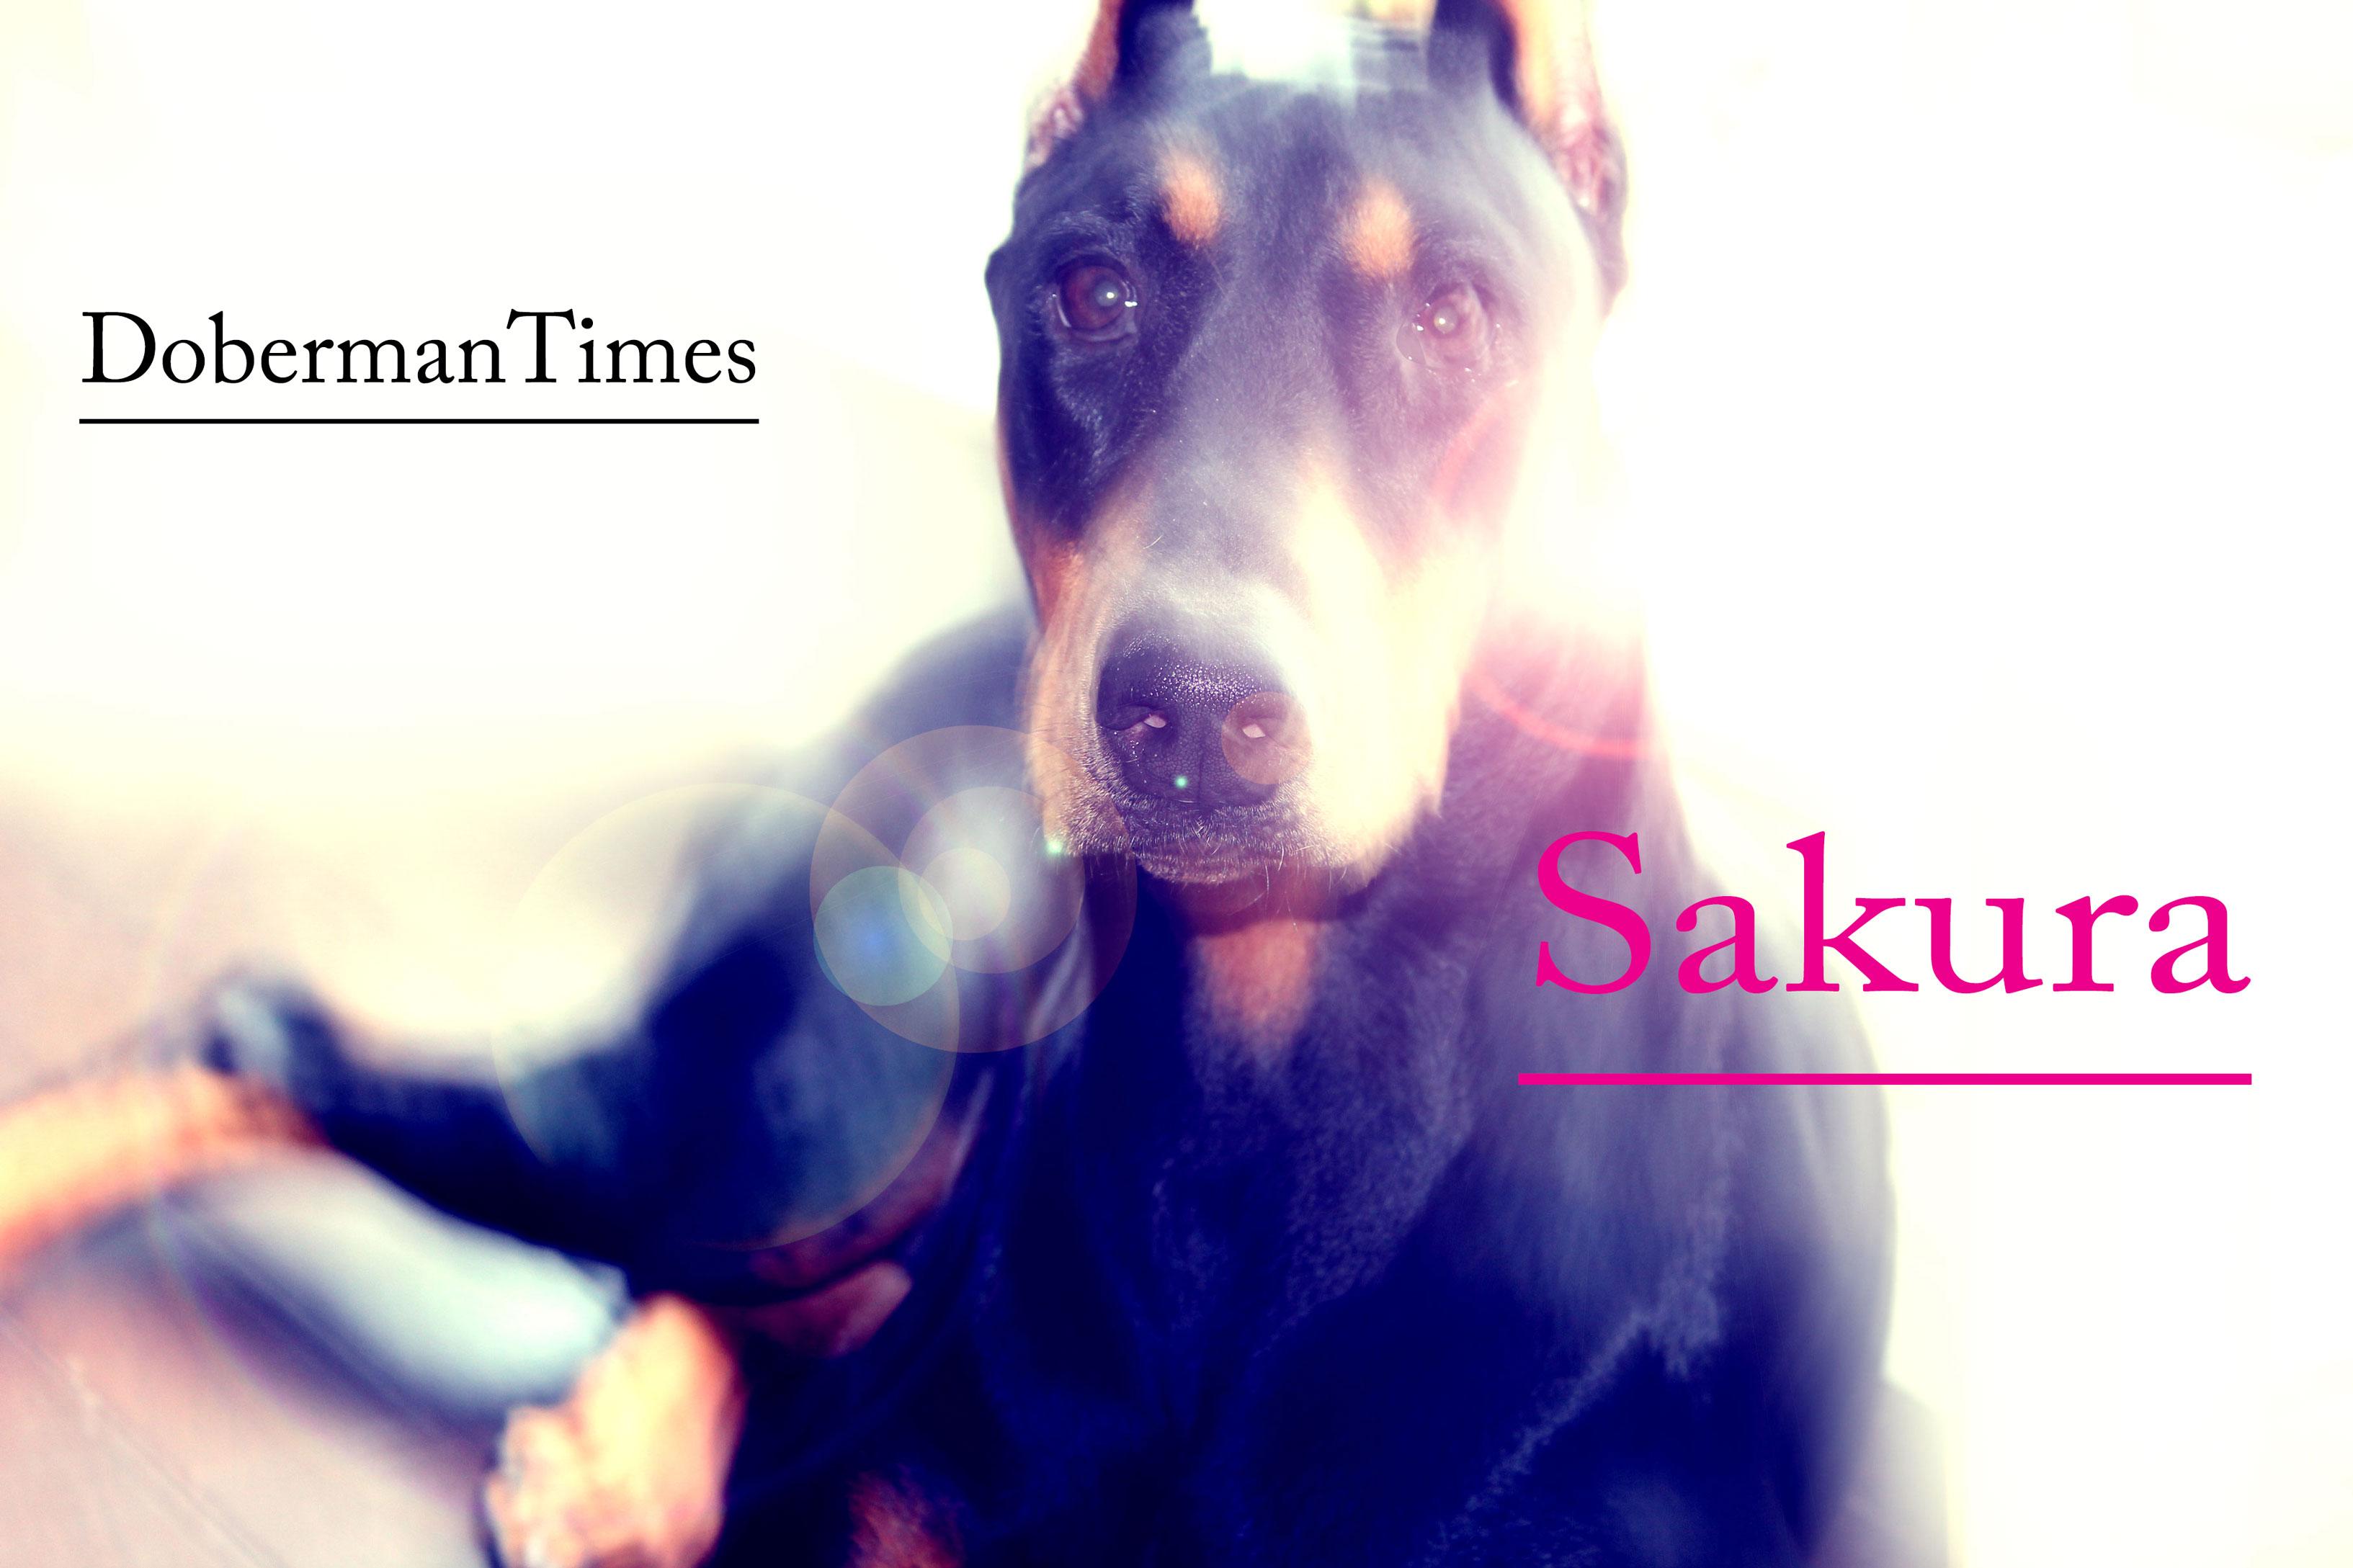 Sakura(♀)